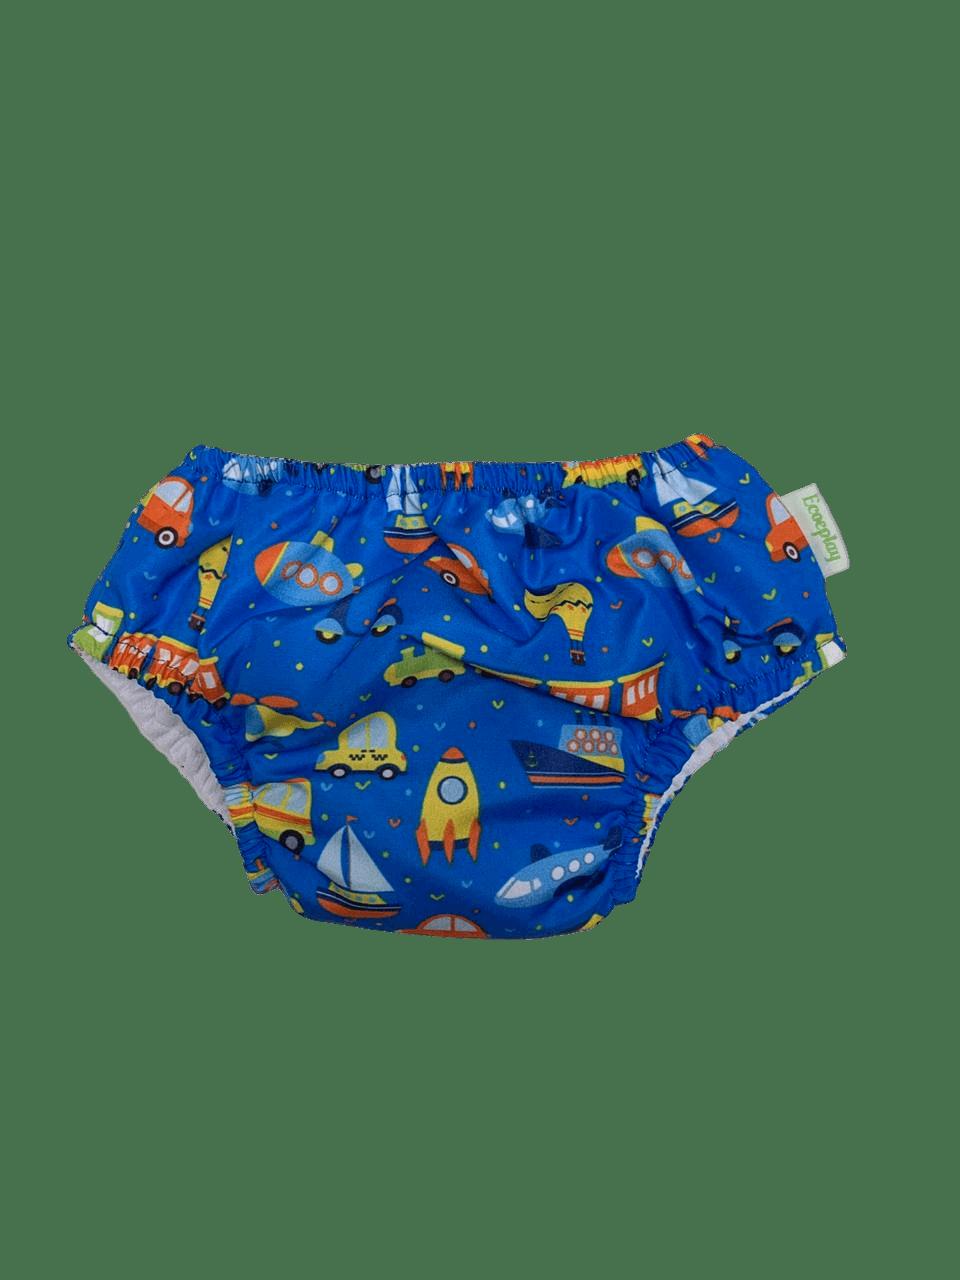 Fralda De Banho e Piscina Reutilizável ECO&PLAY Toy Azul